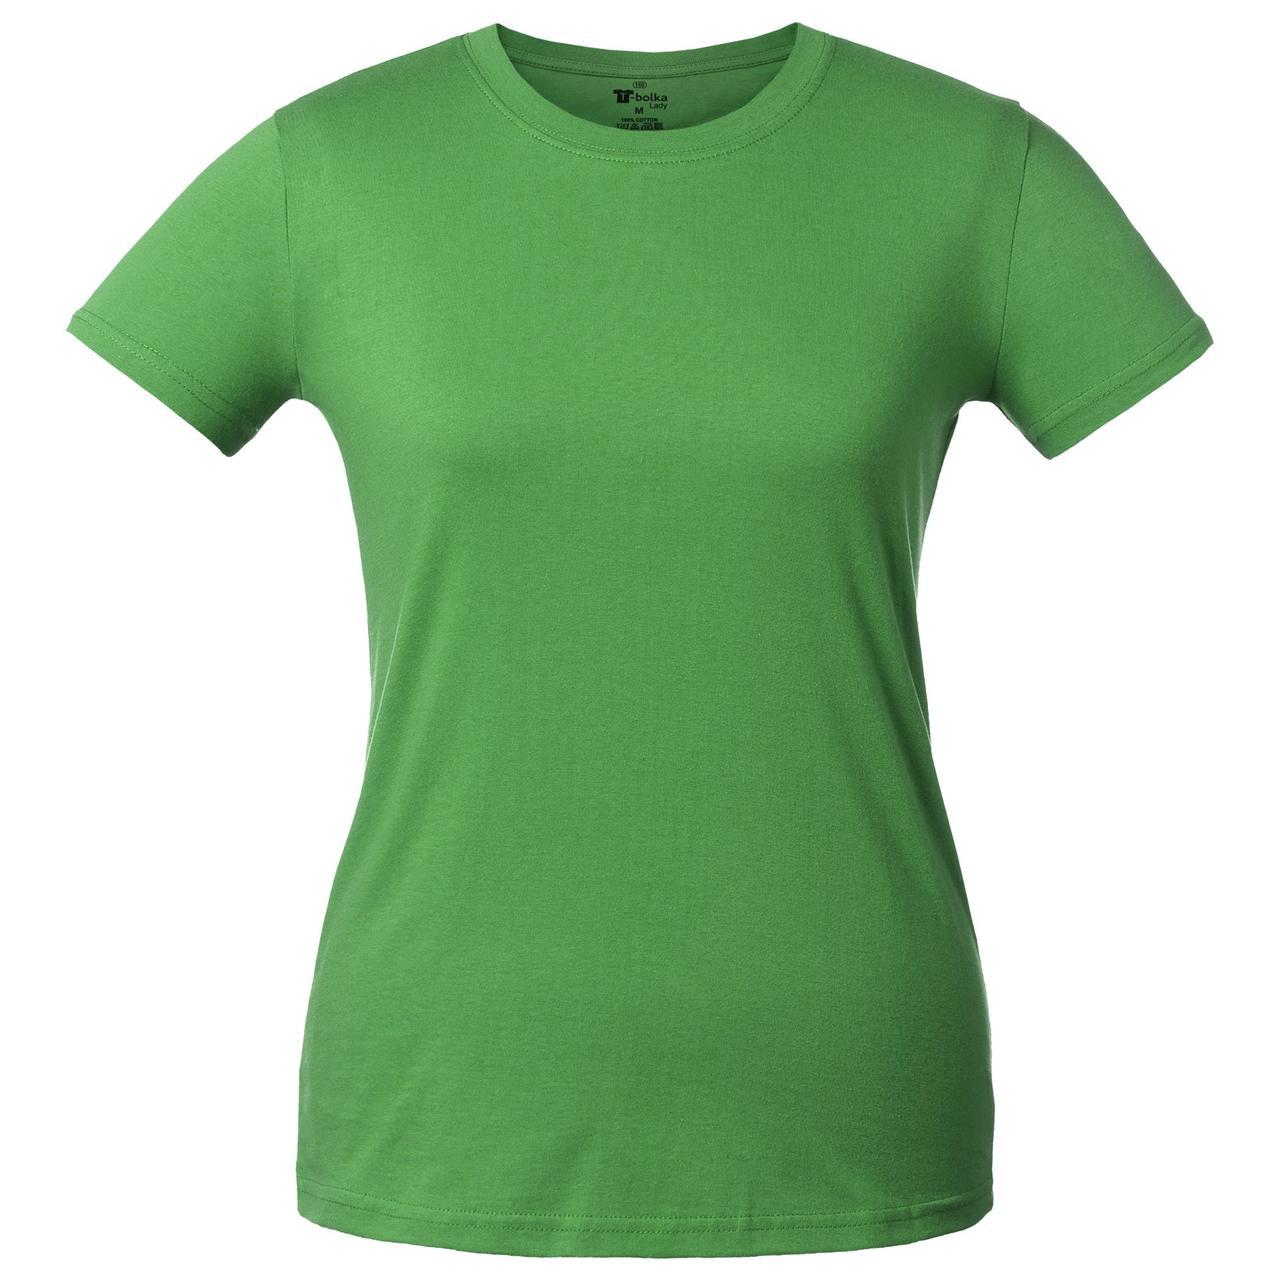 Футболка женская T-bolka Lady, ярко-зеленая (артикул 1878.92)